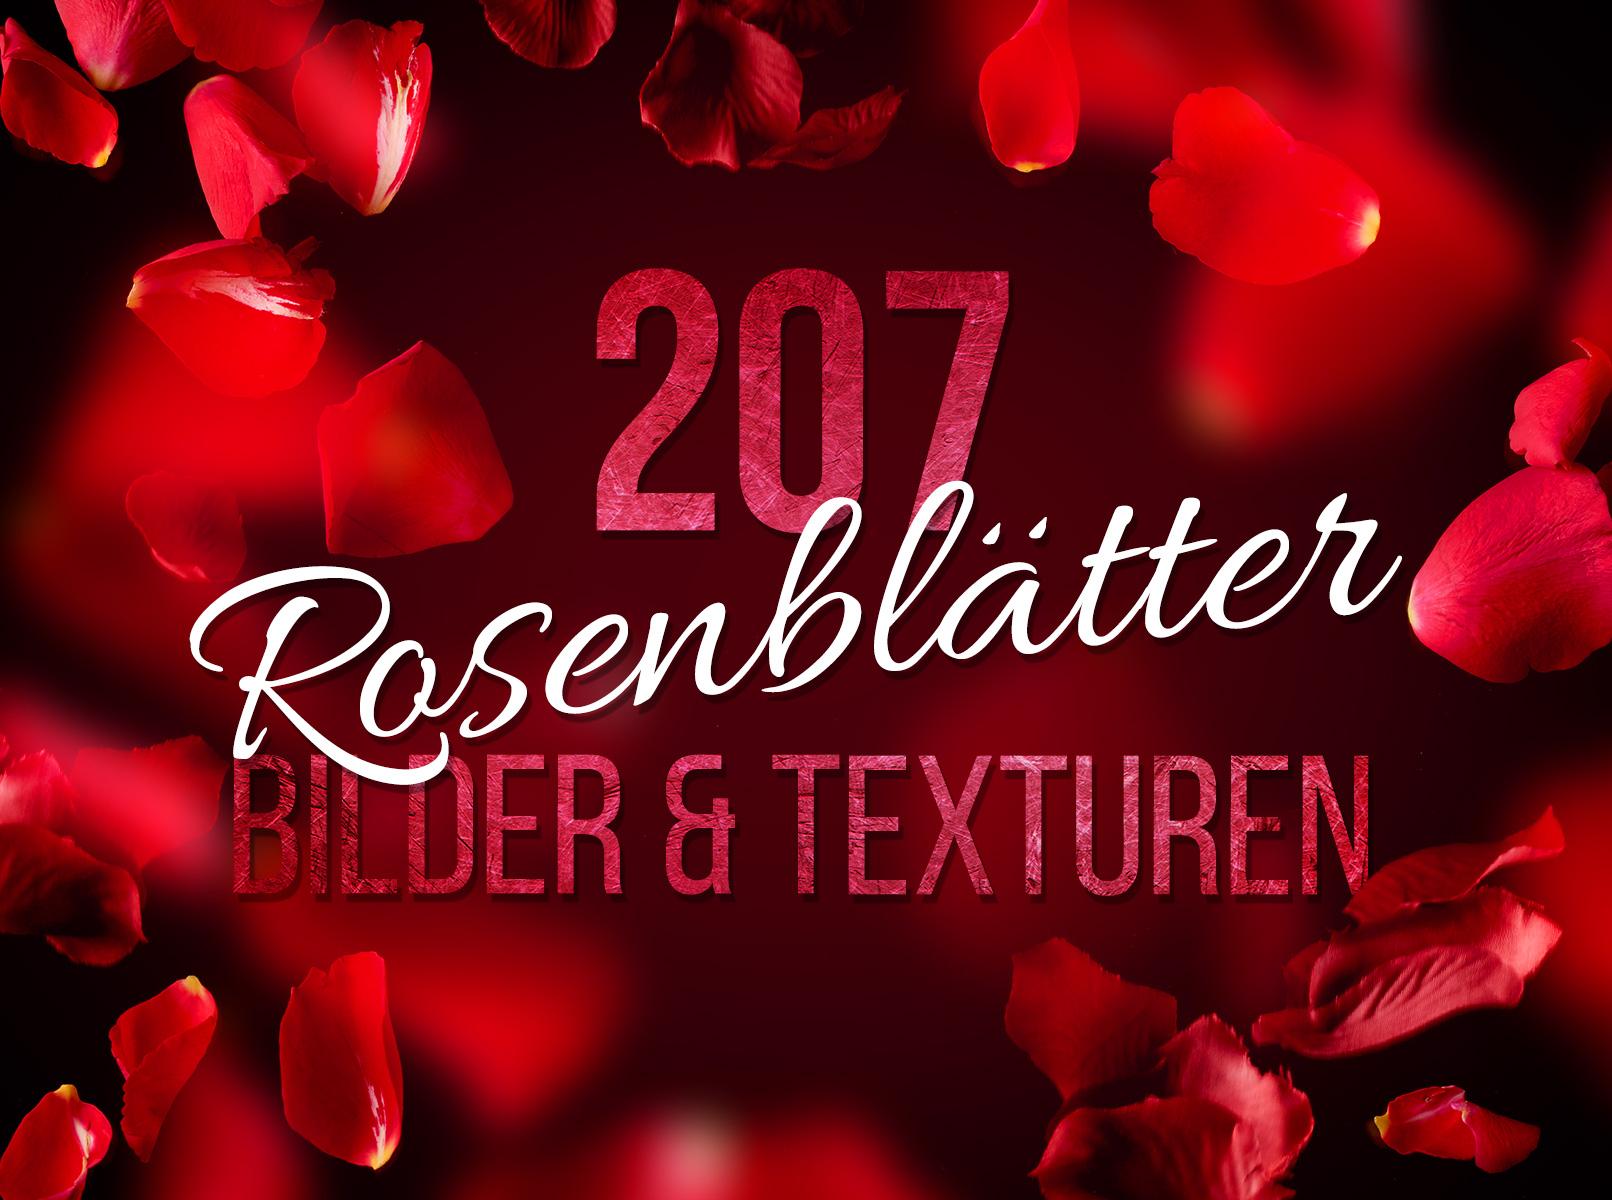 Text, umgeben von fallenden Rosenblättern roter Rosen. Beispiel für die Anwendung der Texturen.